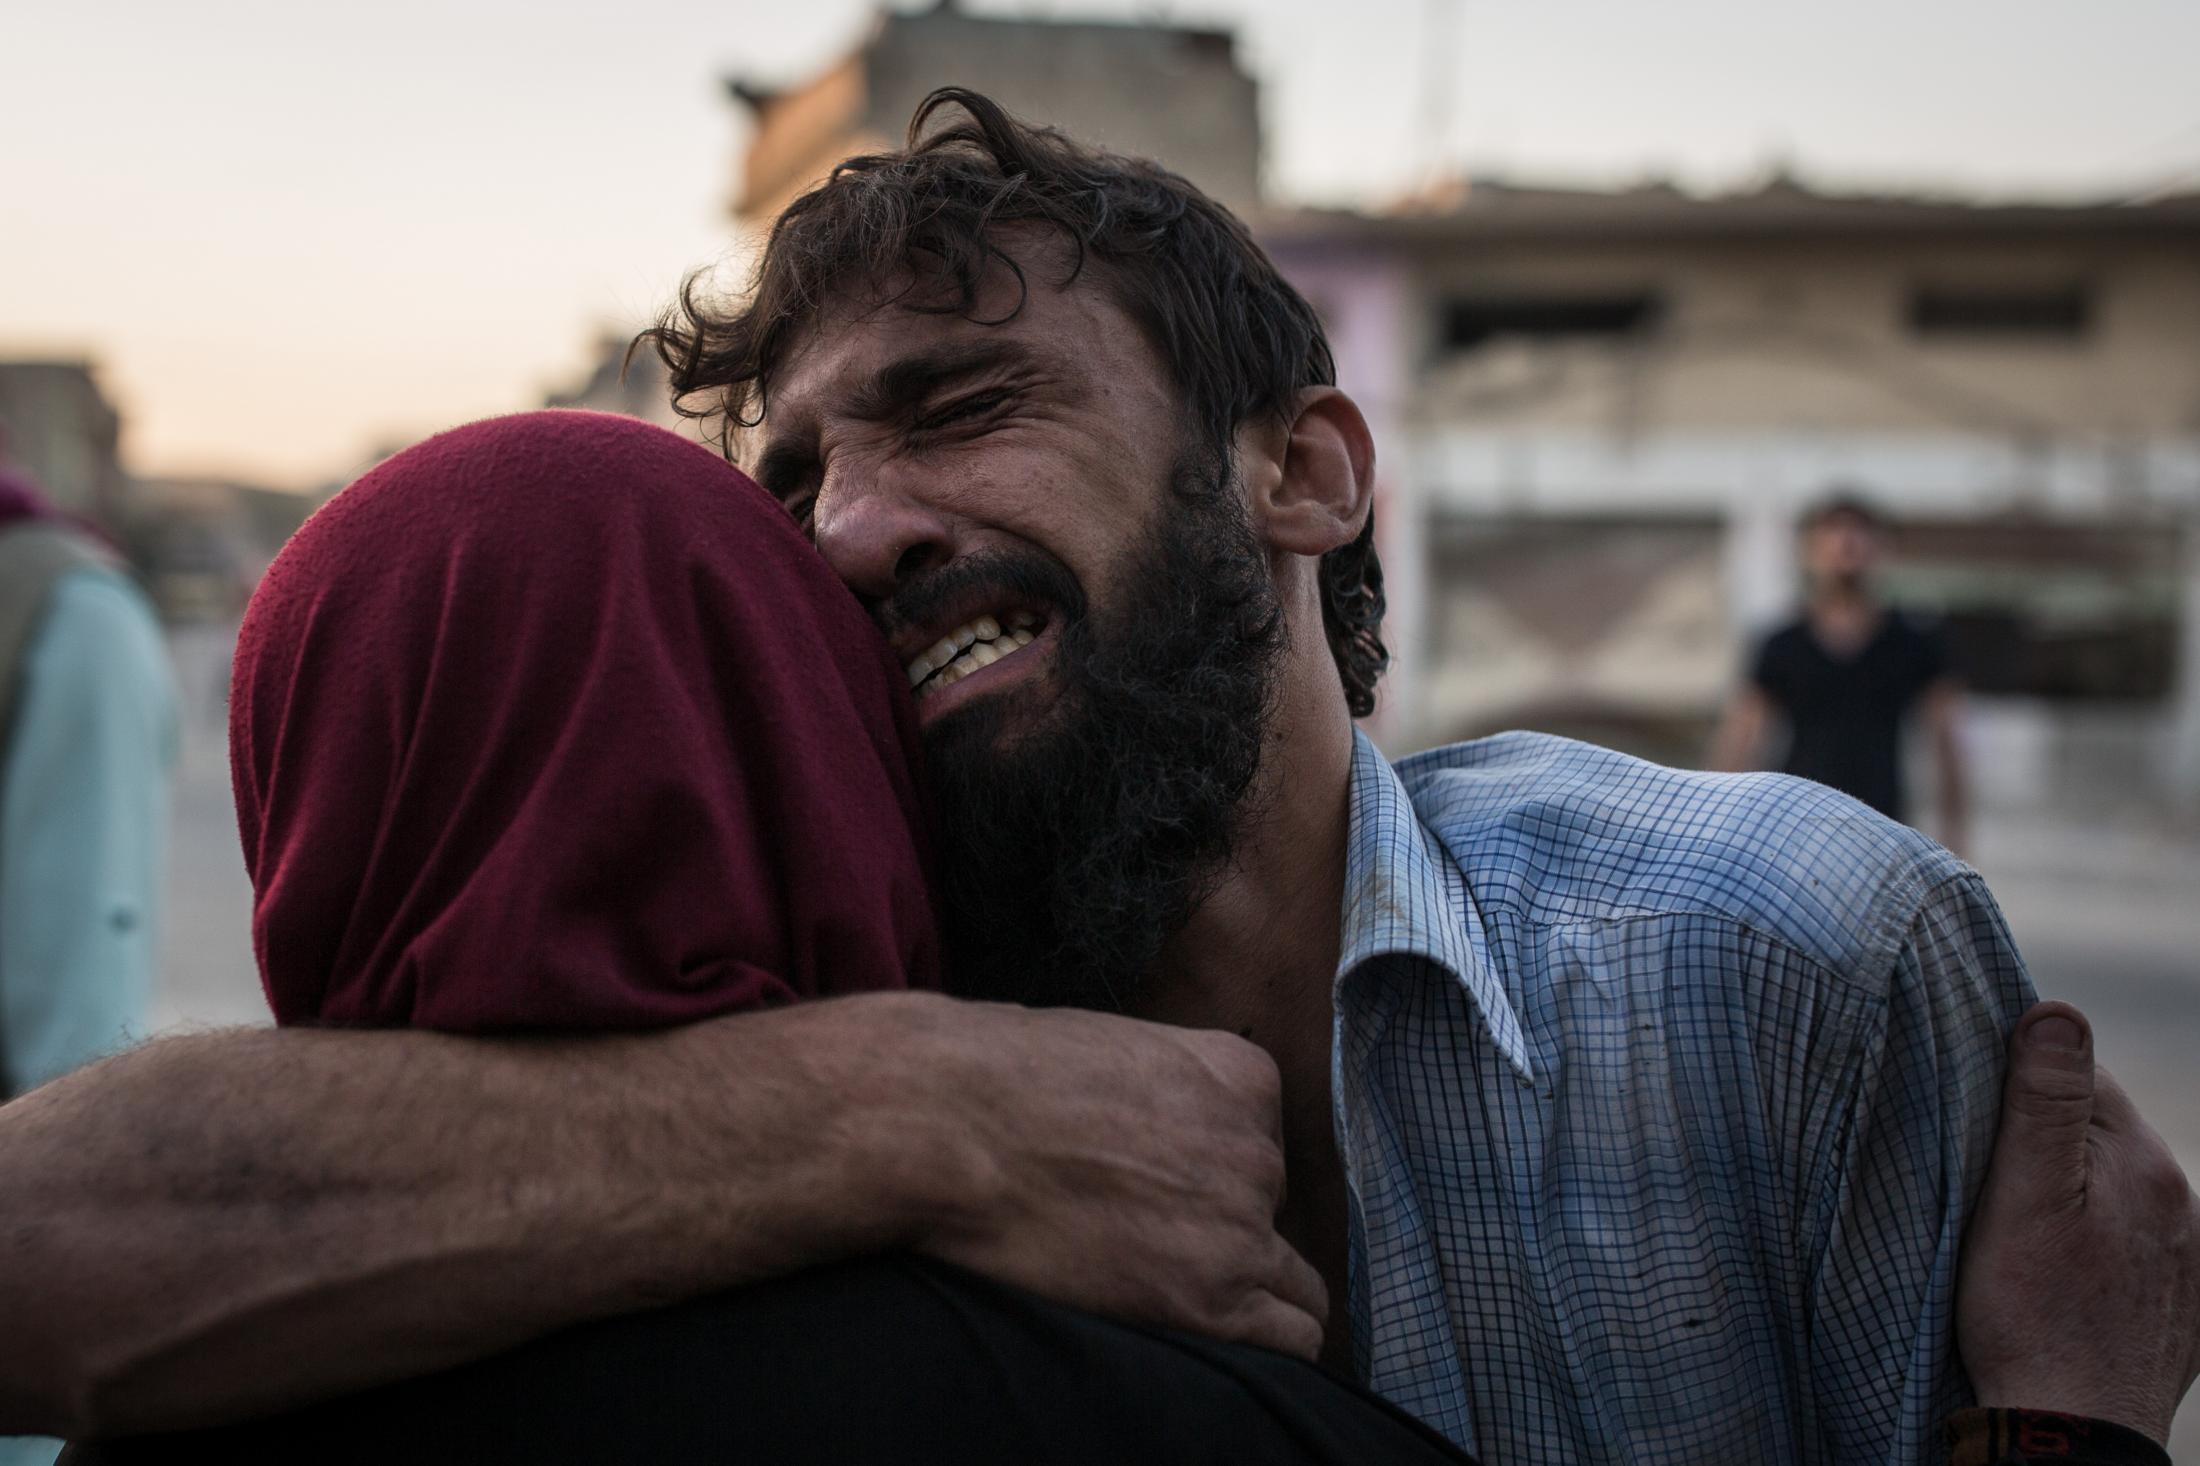 Le 29 juin 2017 Mossul Ouest, Un homme sert sa maman dans les bras, qu'il vient de retrouver. Ils viennent de fuir la vieille ville.